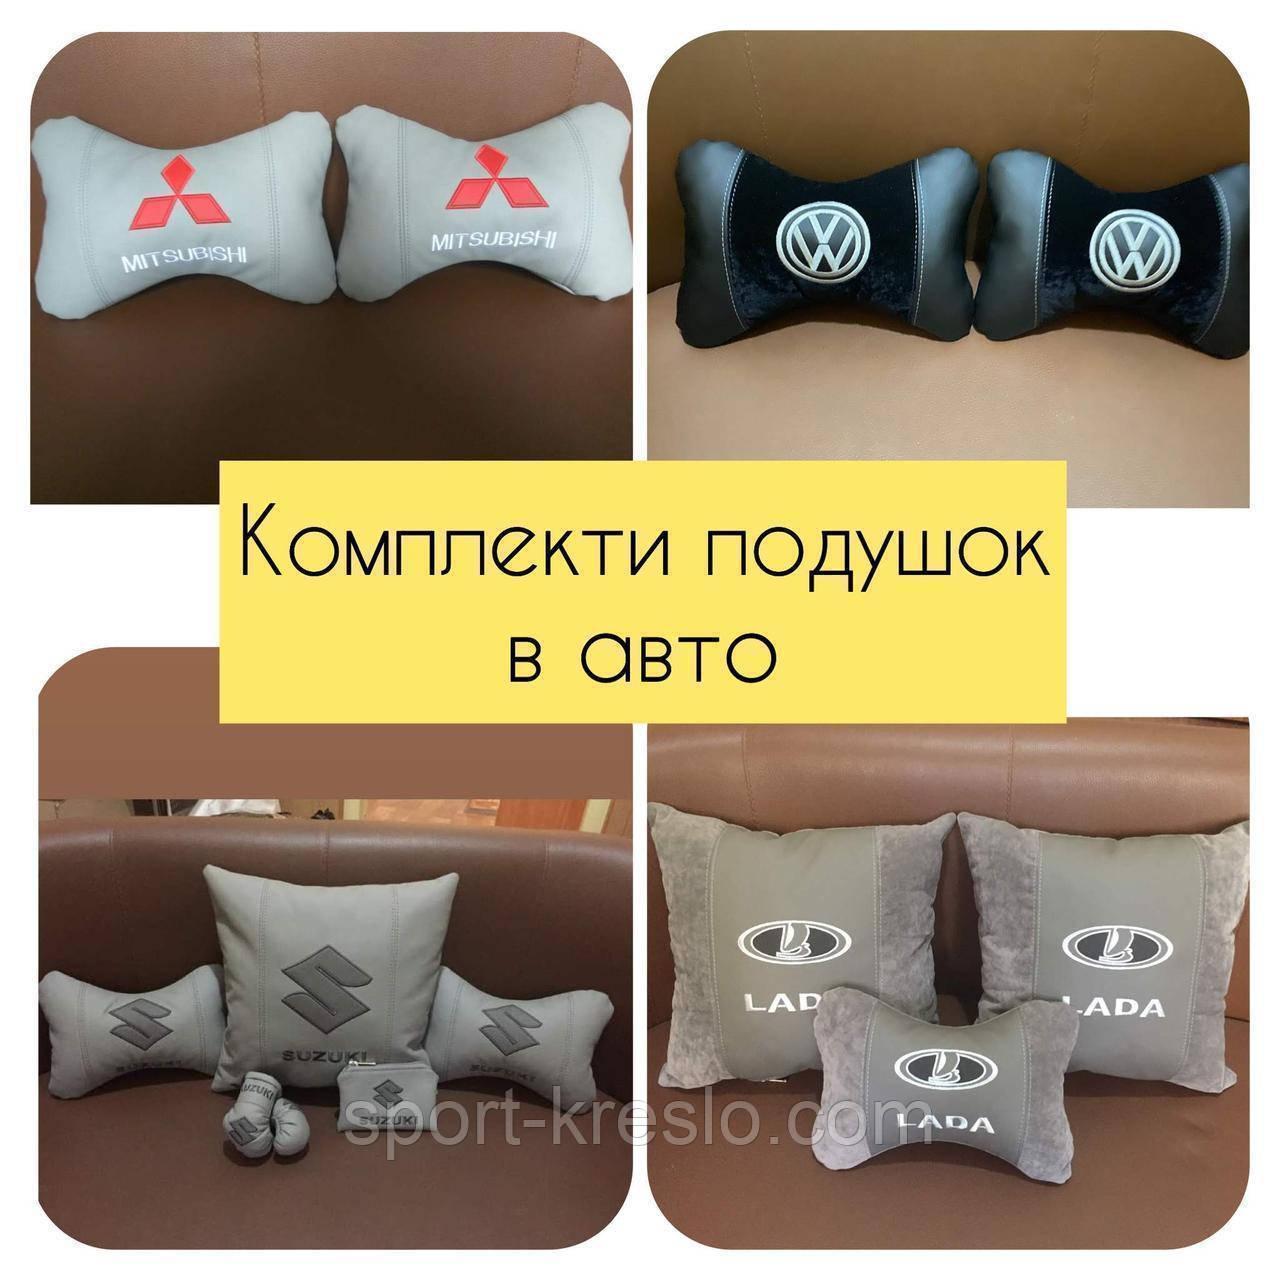 Автомобильные подушки с логотипом, подушки бабочки на подголовники